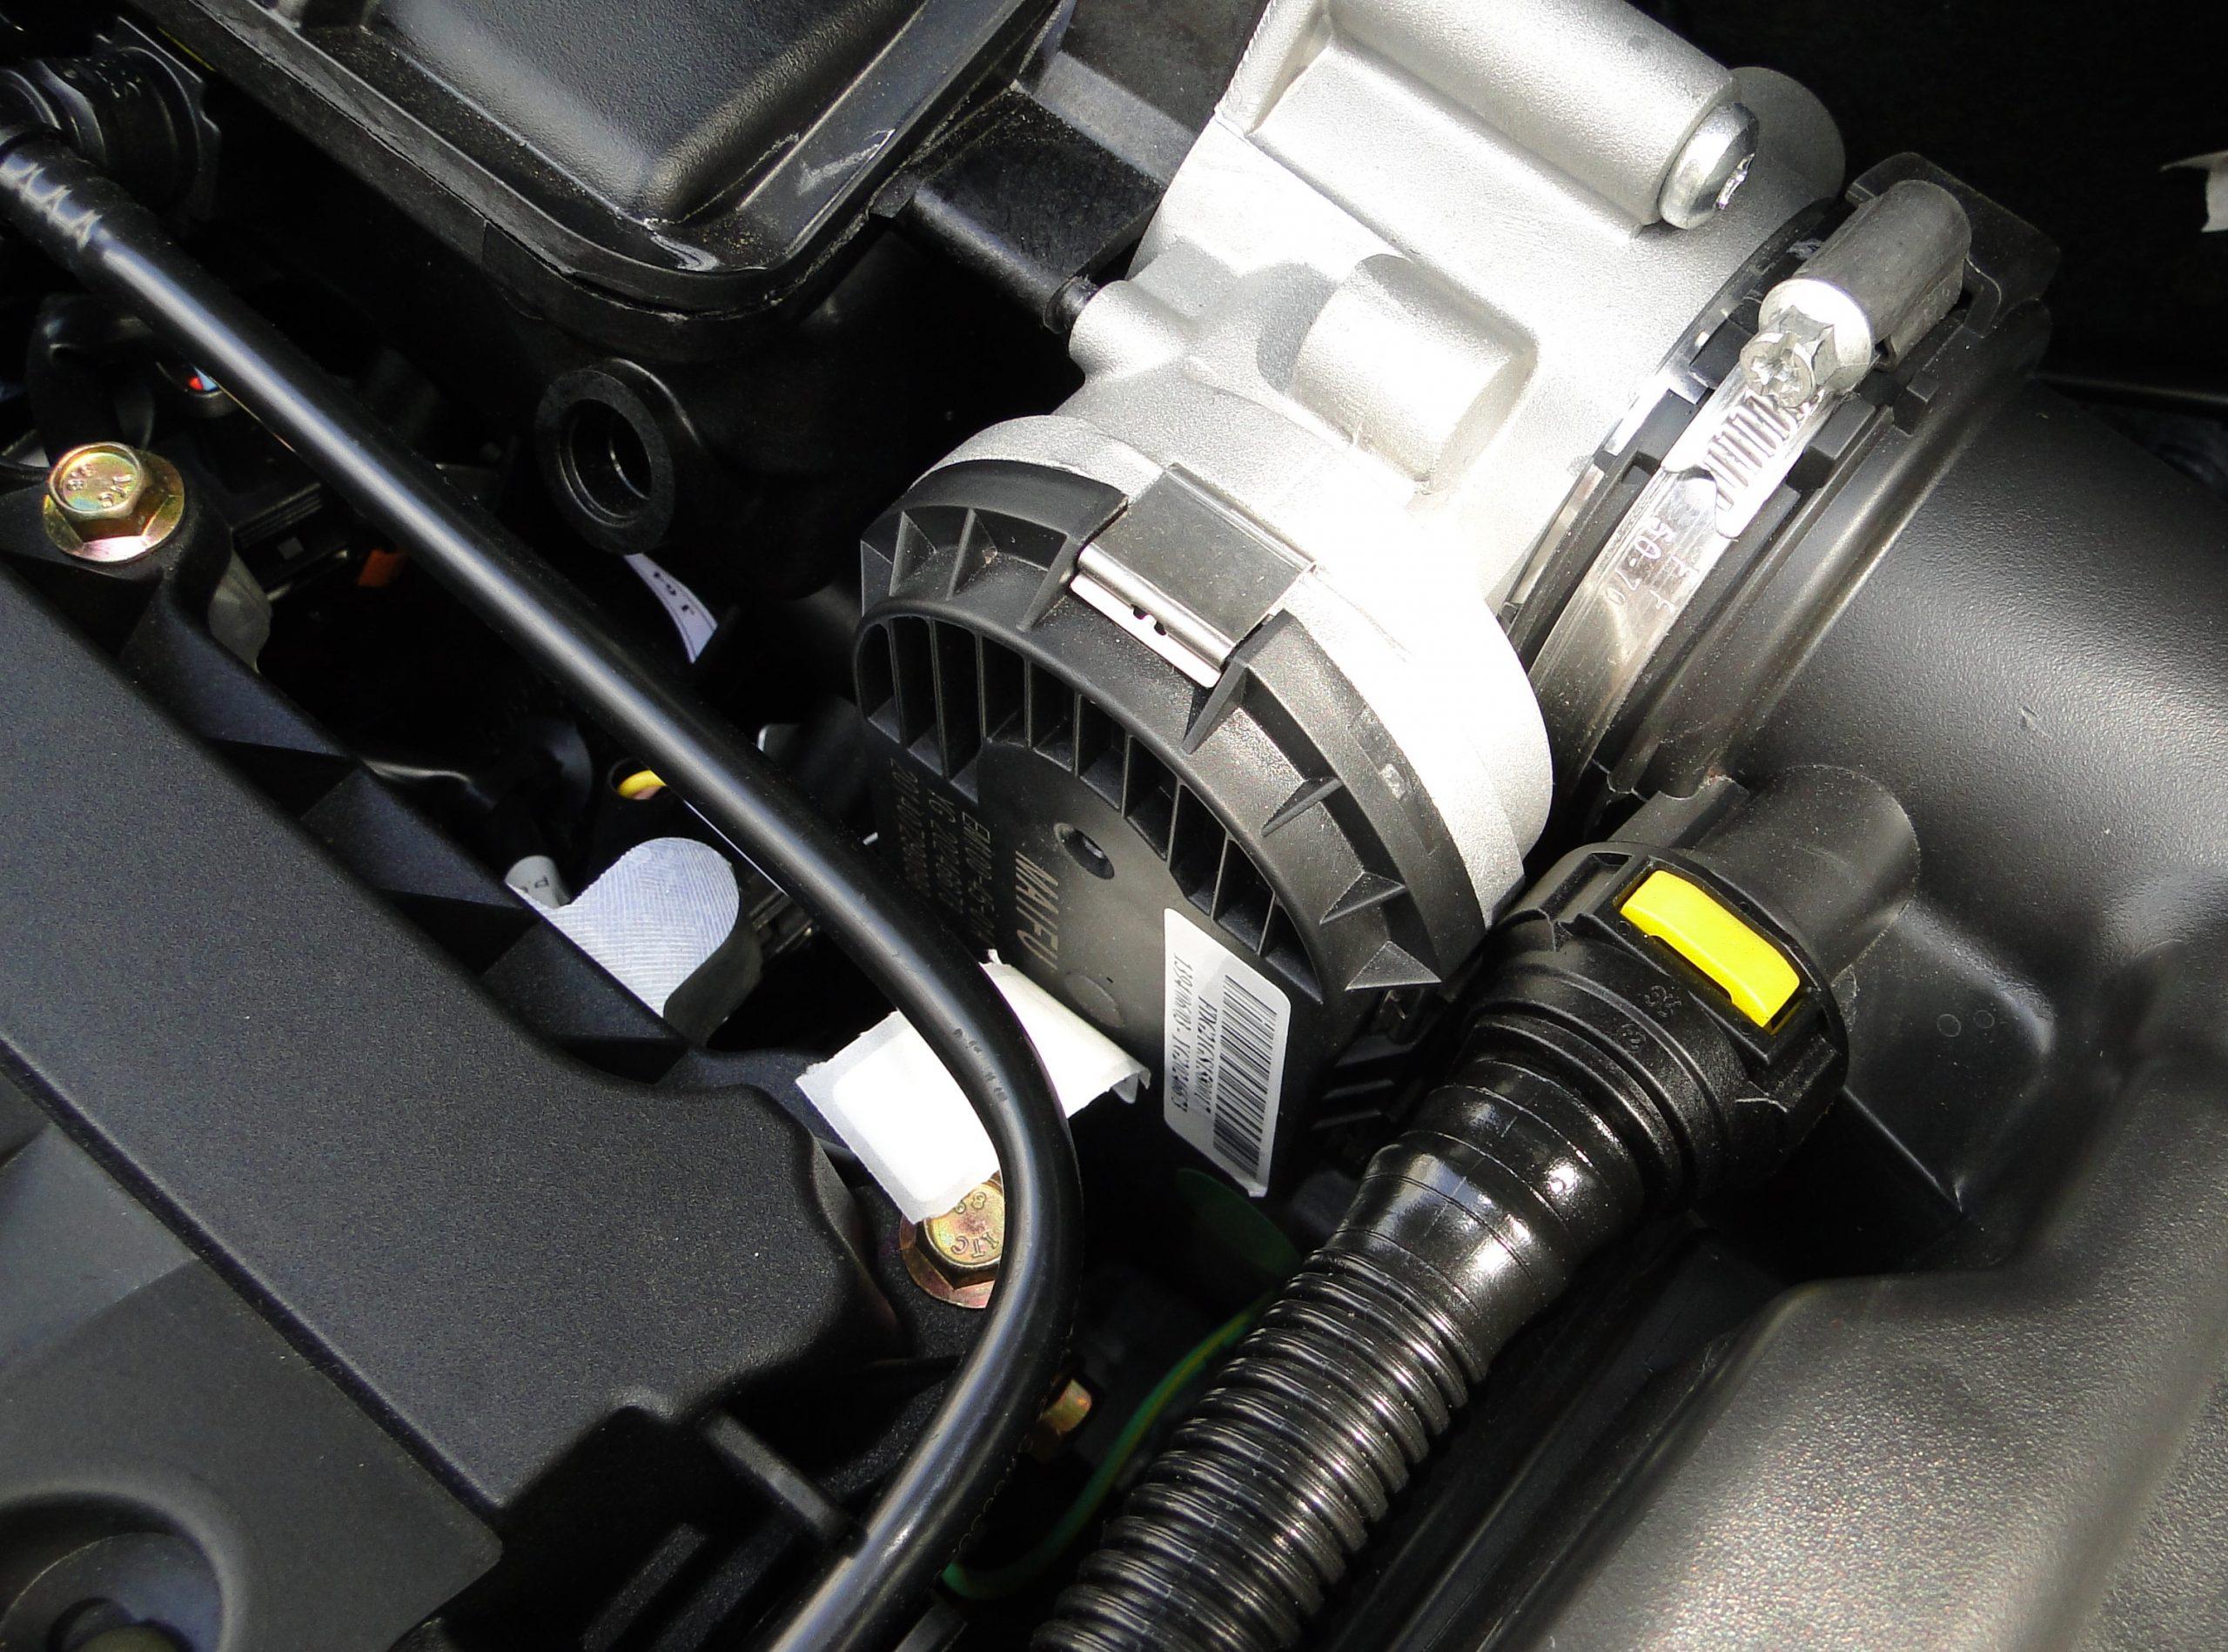 خطای دریچه گاز برقی و مشکل گاز نخوردن خودرو